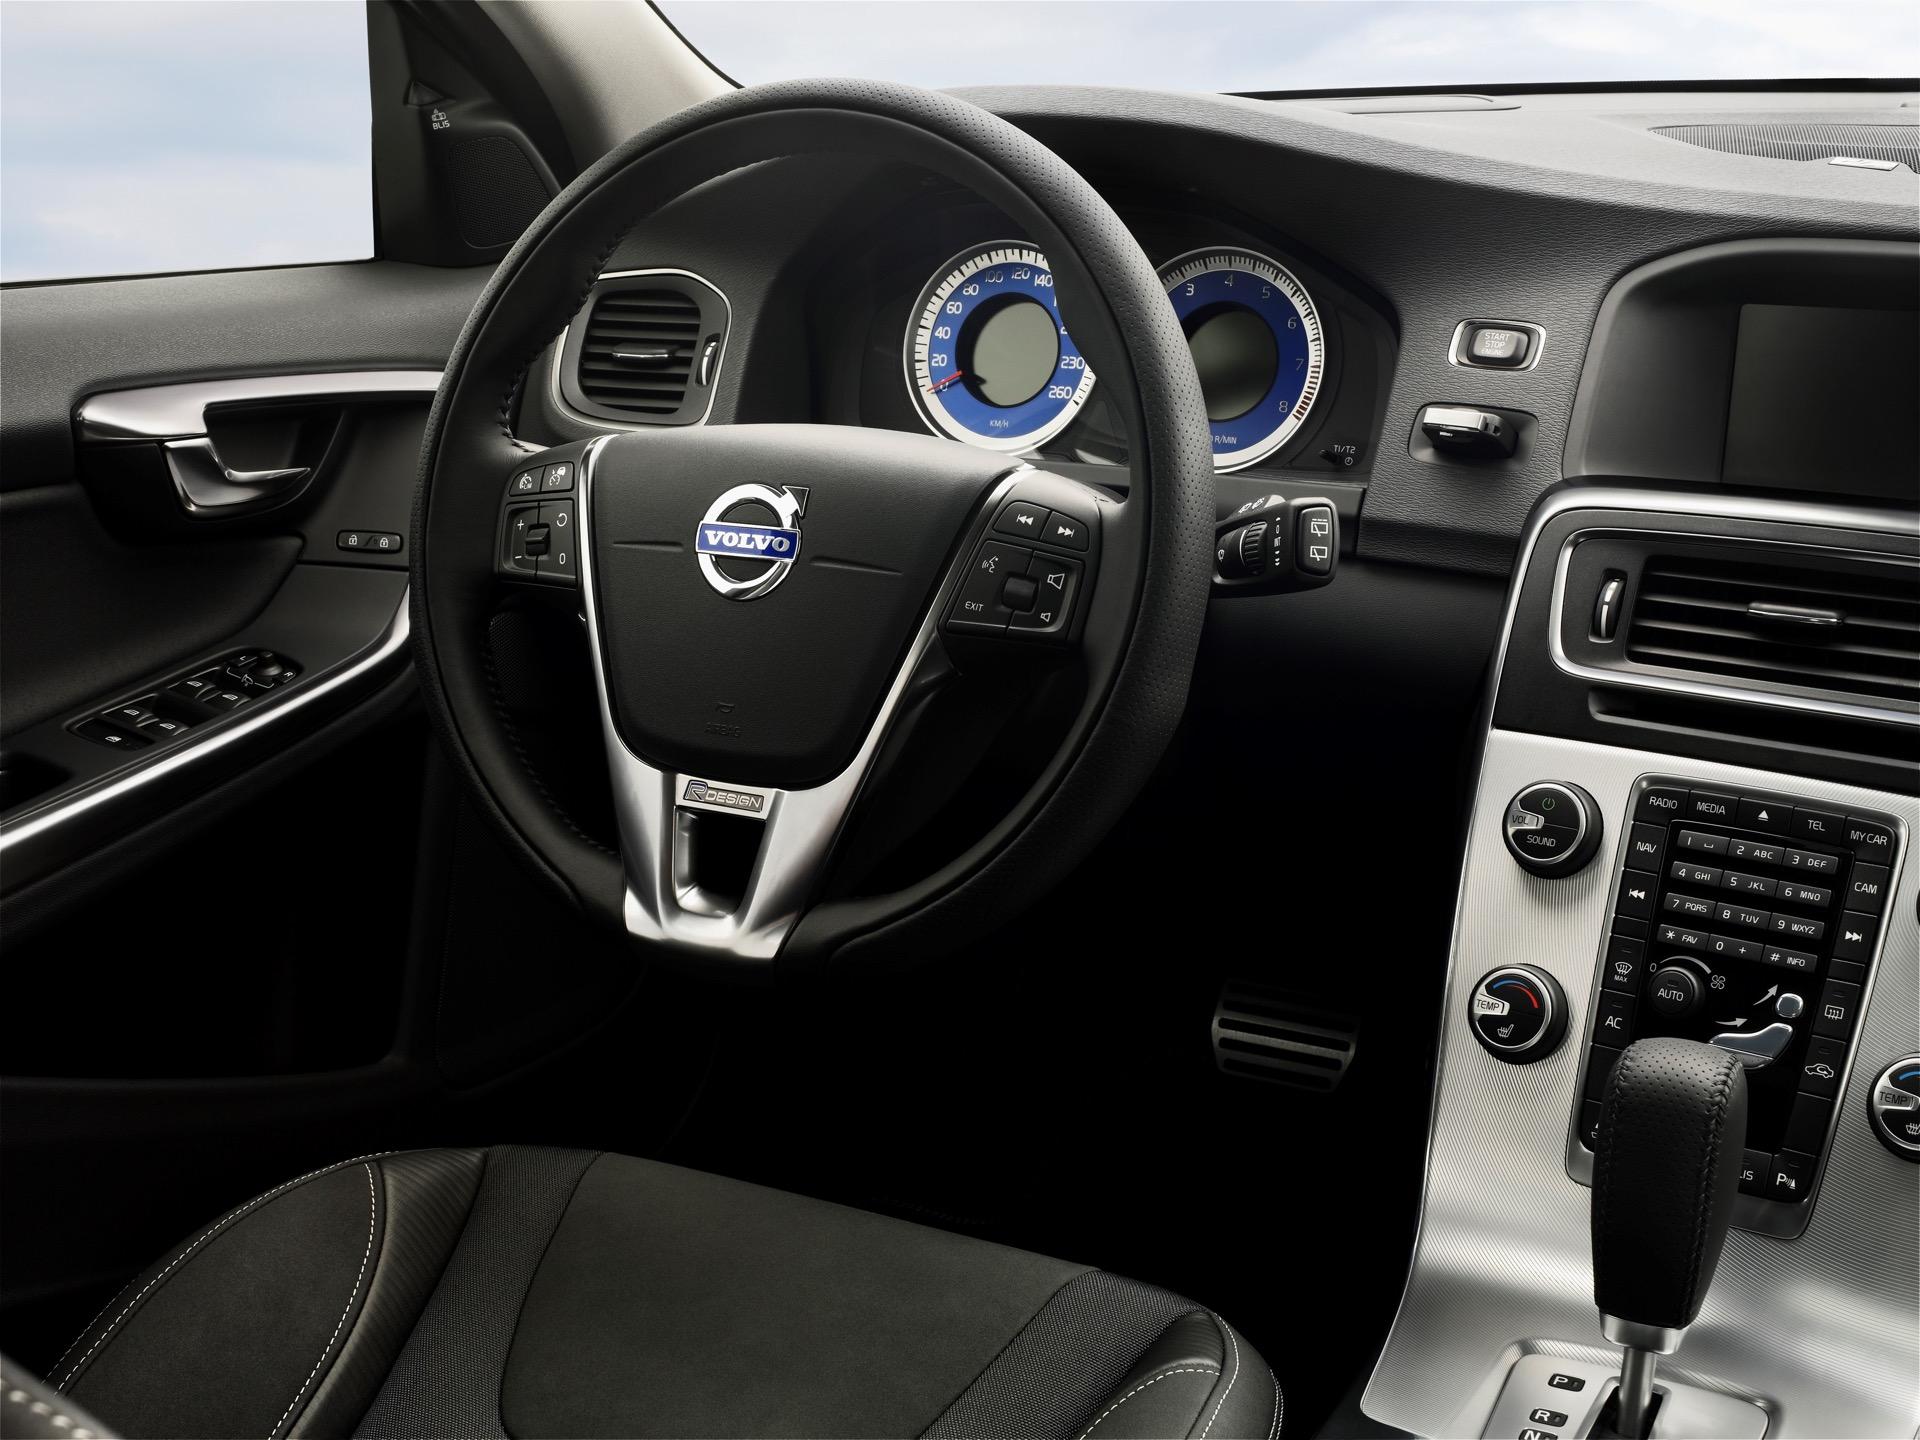 Volvo S60 V60 R Design02 -  Volvo